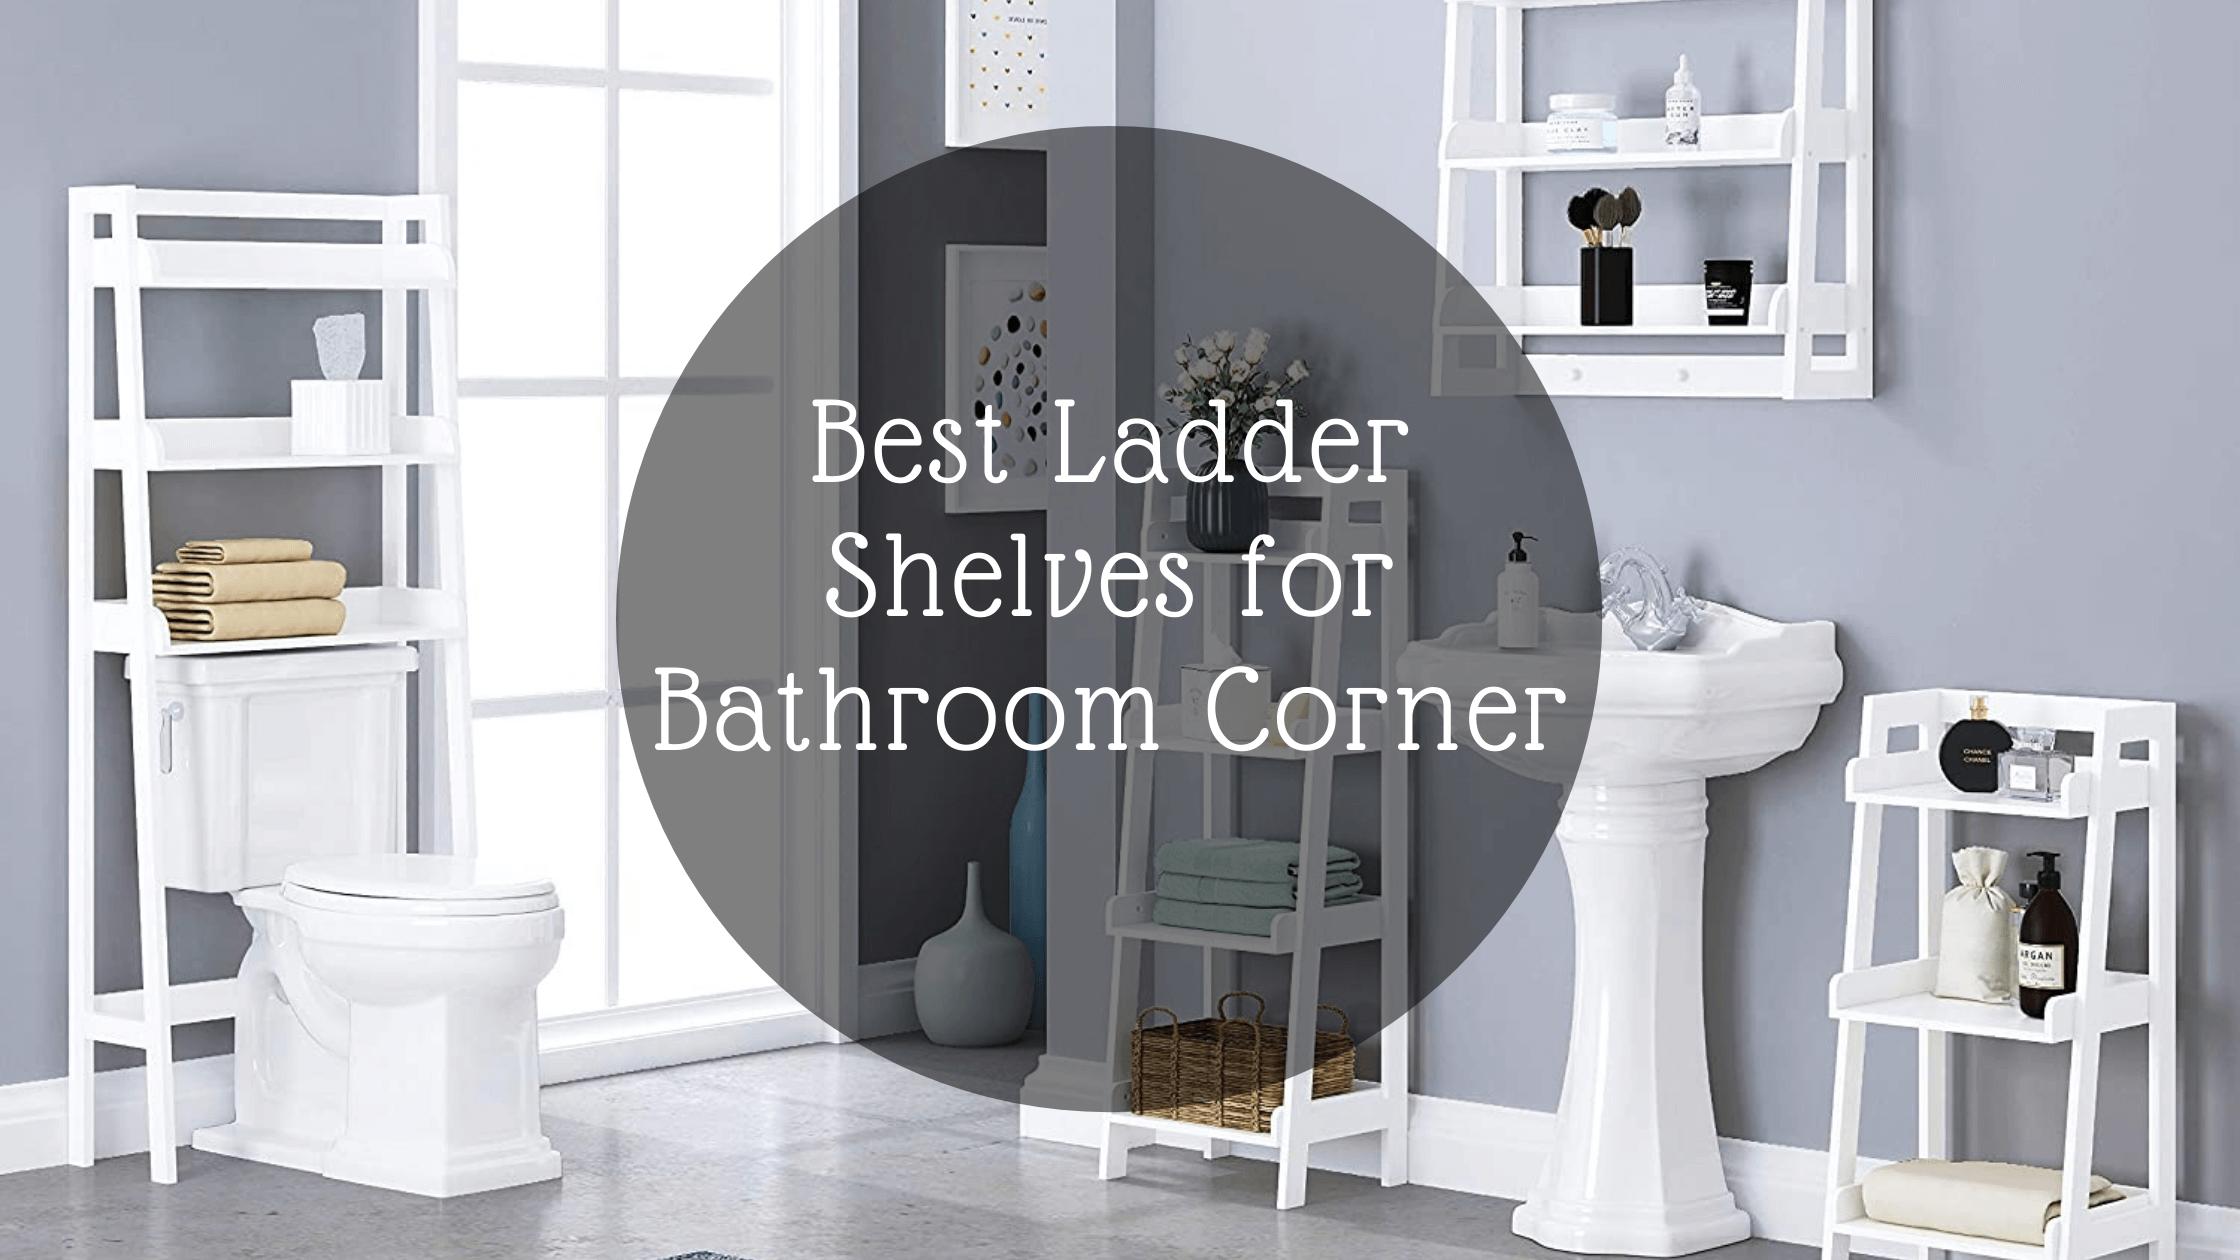 Best Ladder Shelves for Bathroom Corner